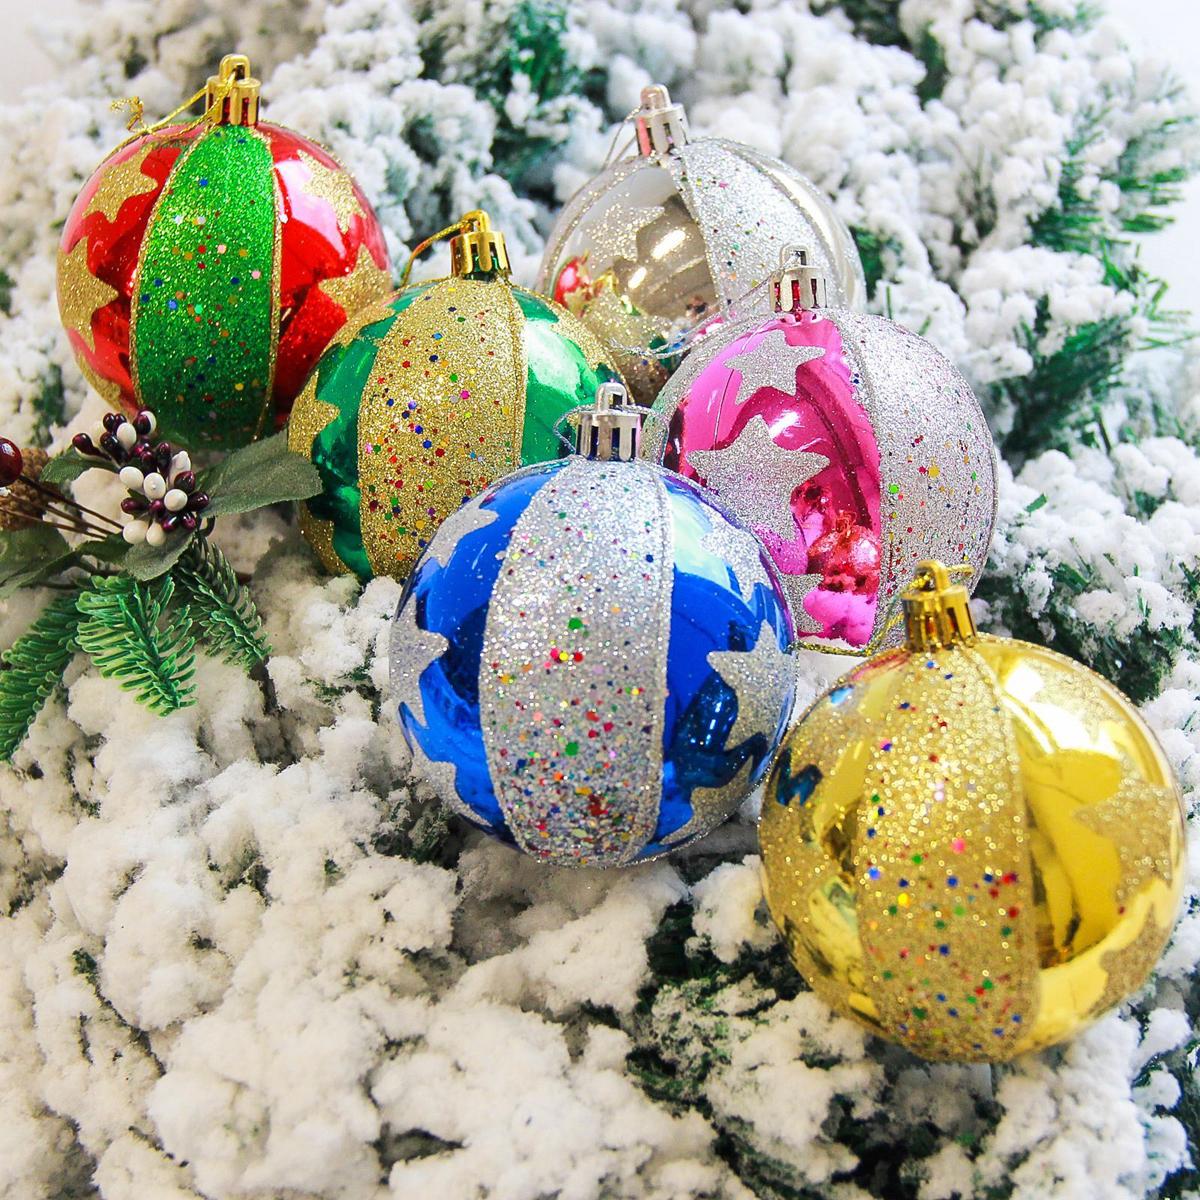 Набор новогодних подвесных украшений Sima-land Созвездие, диаметр 8 см, 6 шт2178188Невозможно представить нашу жизнь без праздников! Мы всегда ждём их и предвкушаем, обдумываем, как проведём памятный день, тщательно выбираем подарки и аксессуары, ведь именно они создают и поддерживают торжественный настрой.